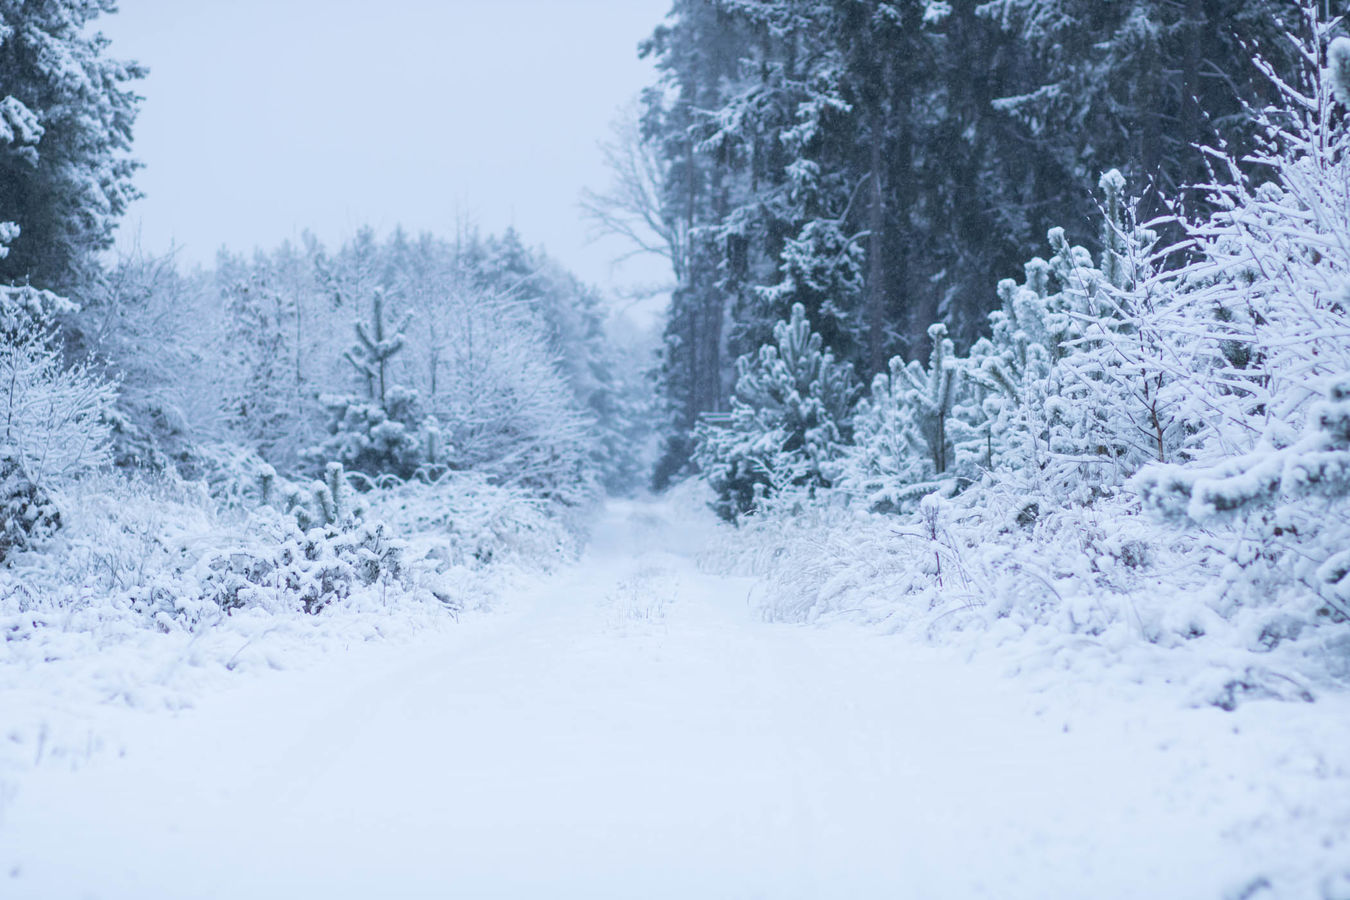 Tím směrem prý bych se dávno měl dát když sněží, jde to stěží, ale sněhy pak tají kus něhy ti za nehty slíbí a dají